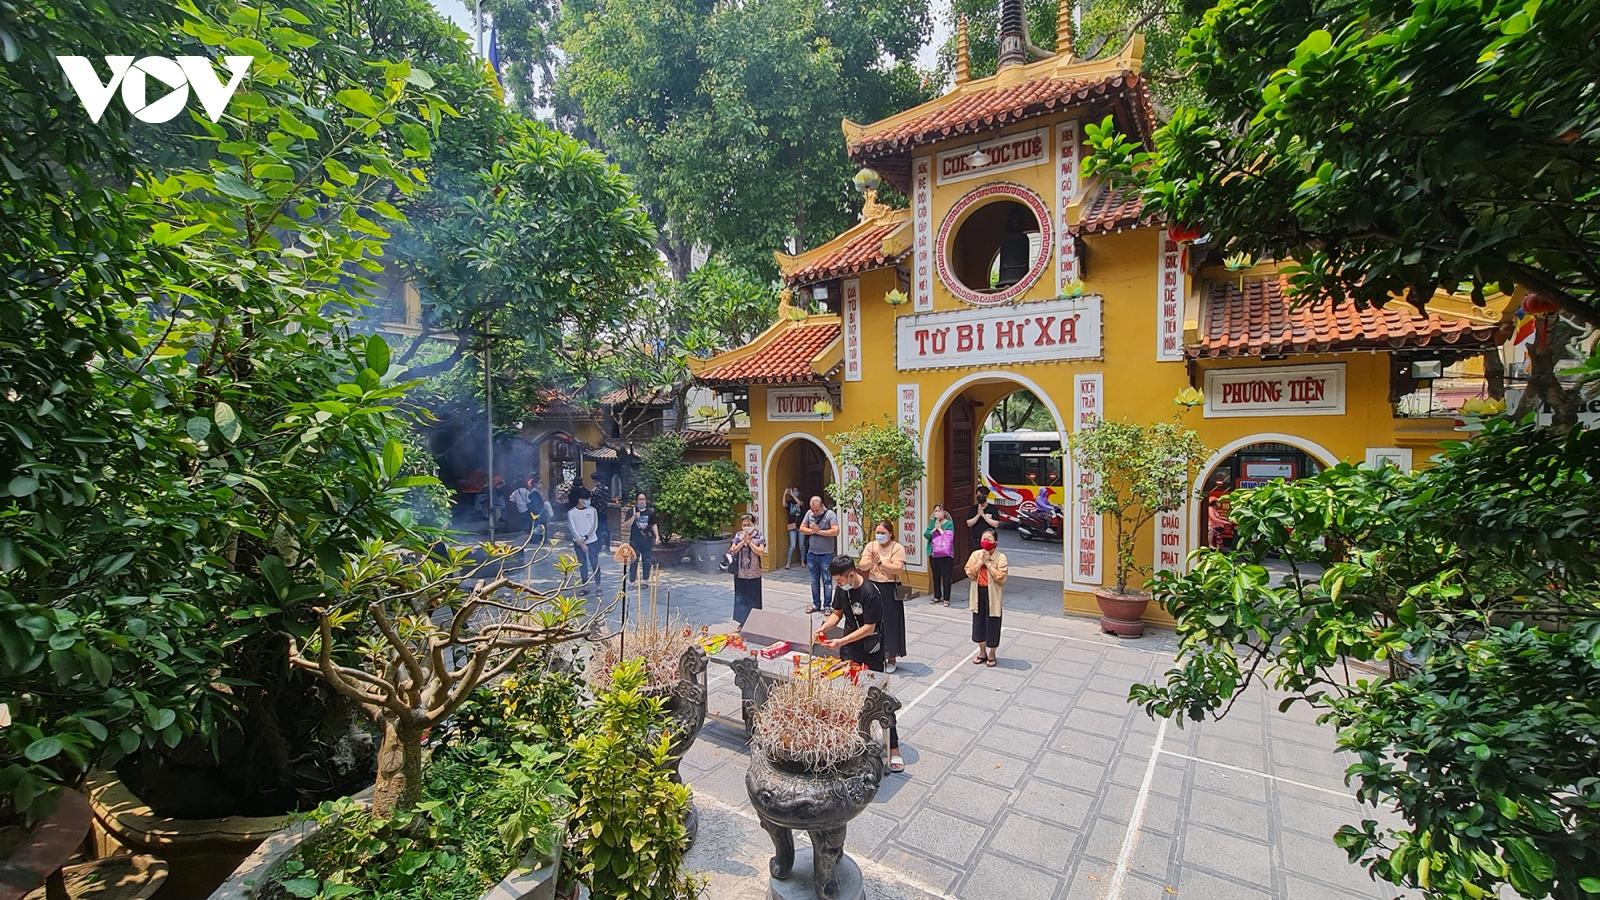 Chùa chiền ở Hà Nội vắng vẻ, lác đác người dân đi lễ trong ngày Rằm tháng 7